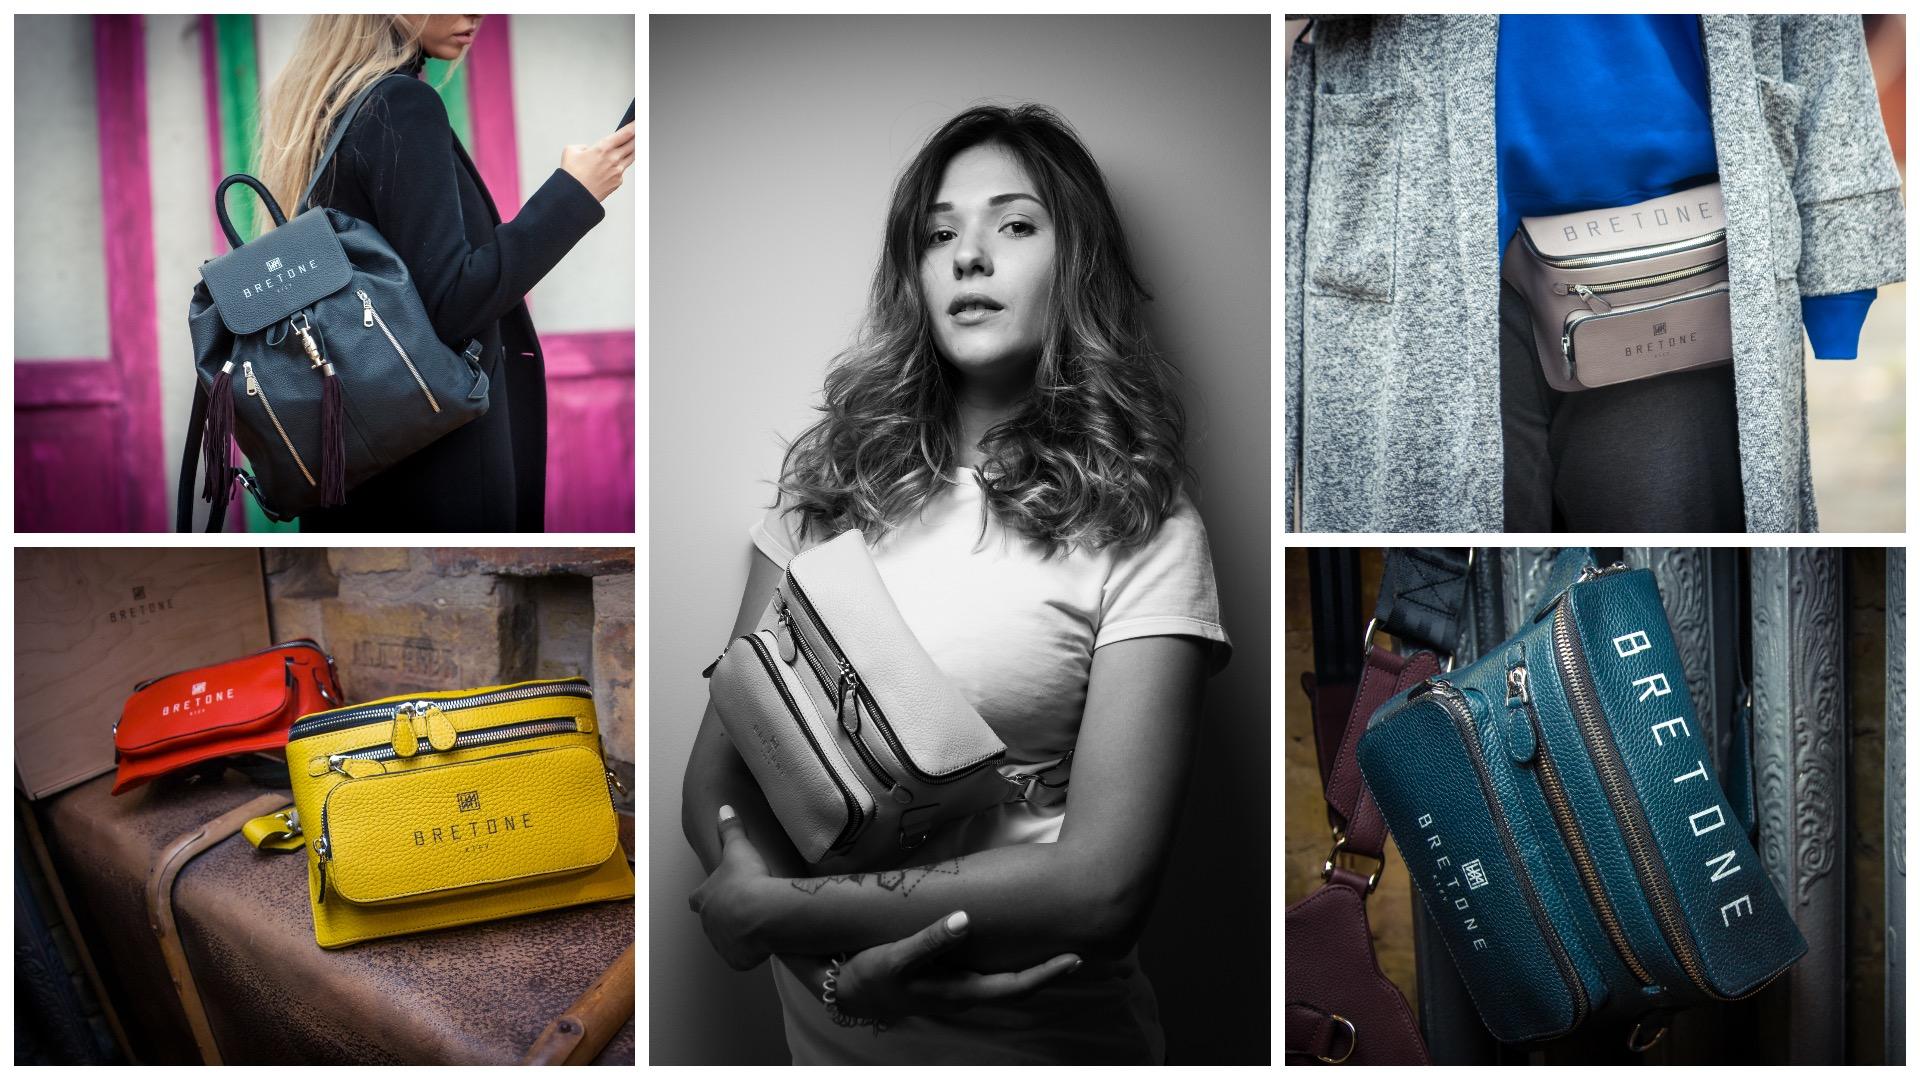 ed118ca86263 bretone, поясные сумки, сумки украина, бретон, кожаные рюкзаки